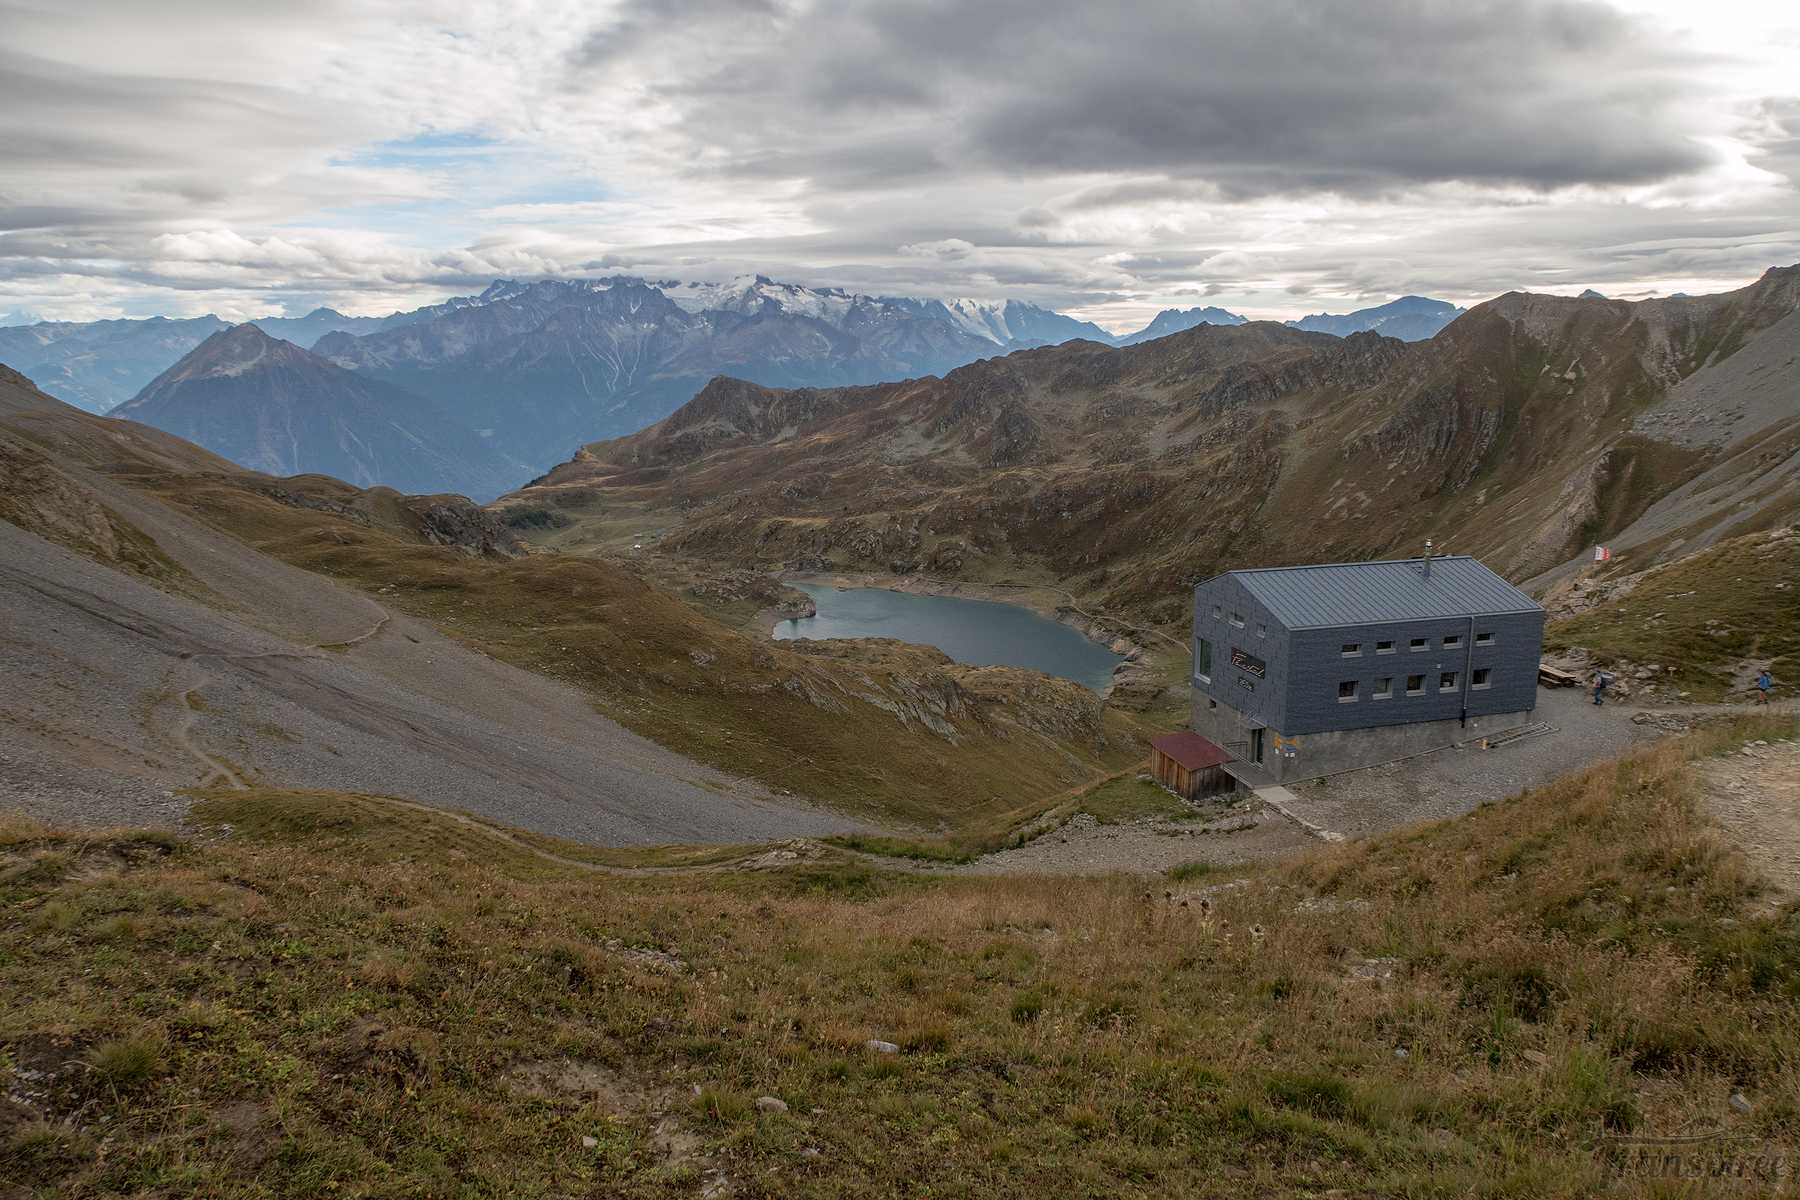 Randonnée autour du Grand Chavalard depuis Chiboz, Lui d'Août et la cabane Fenestral